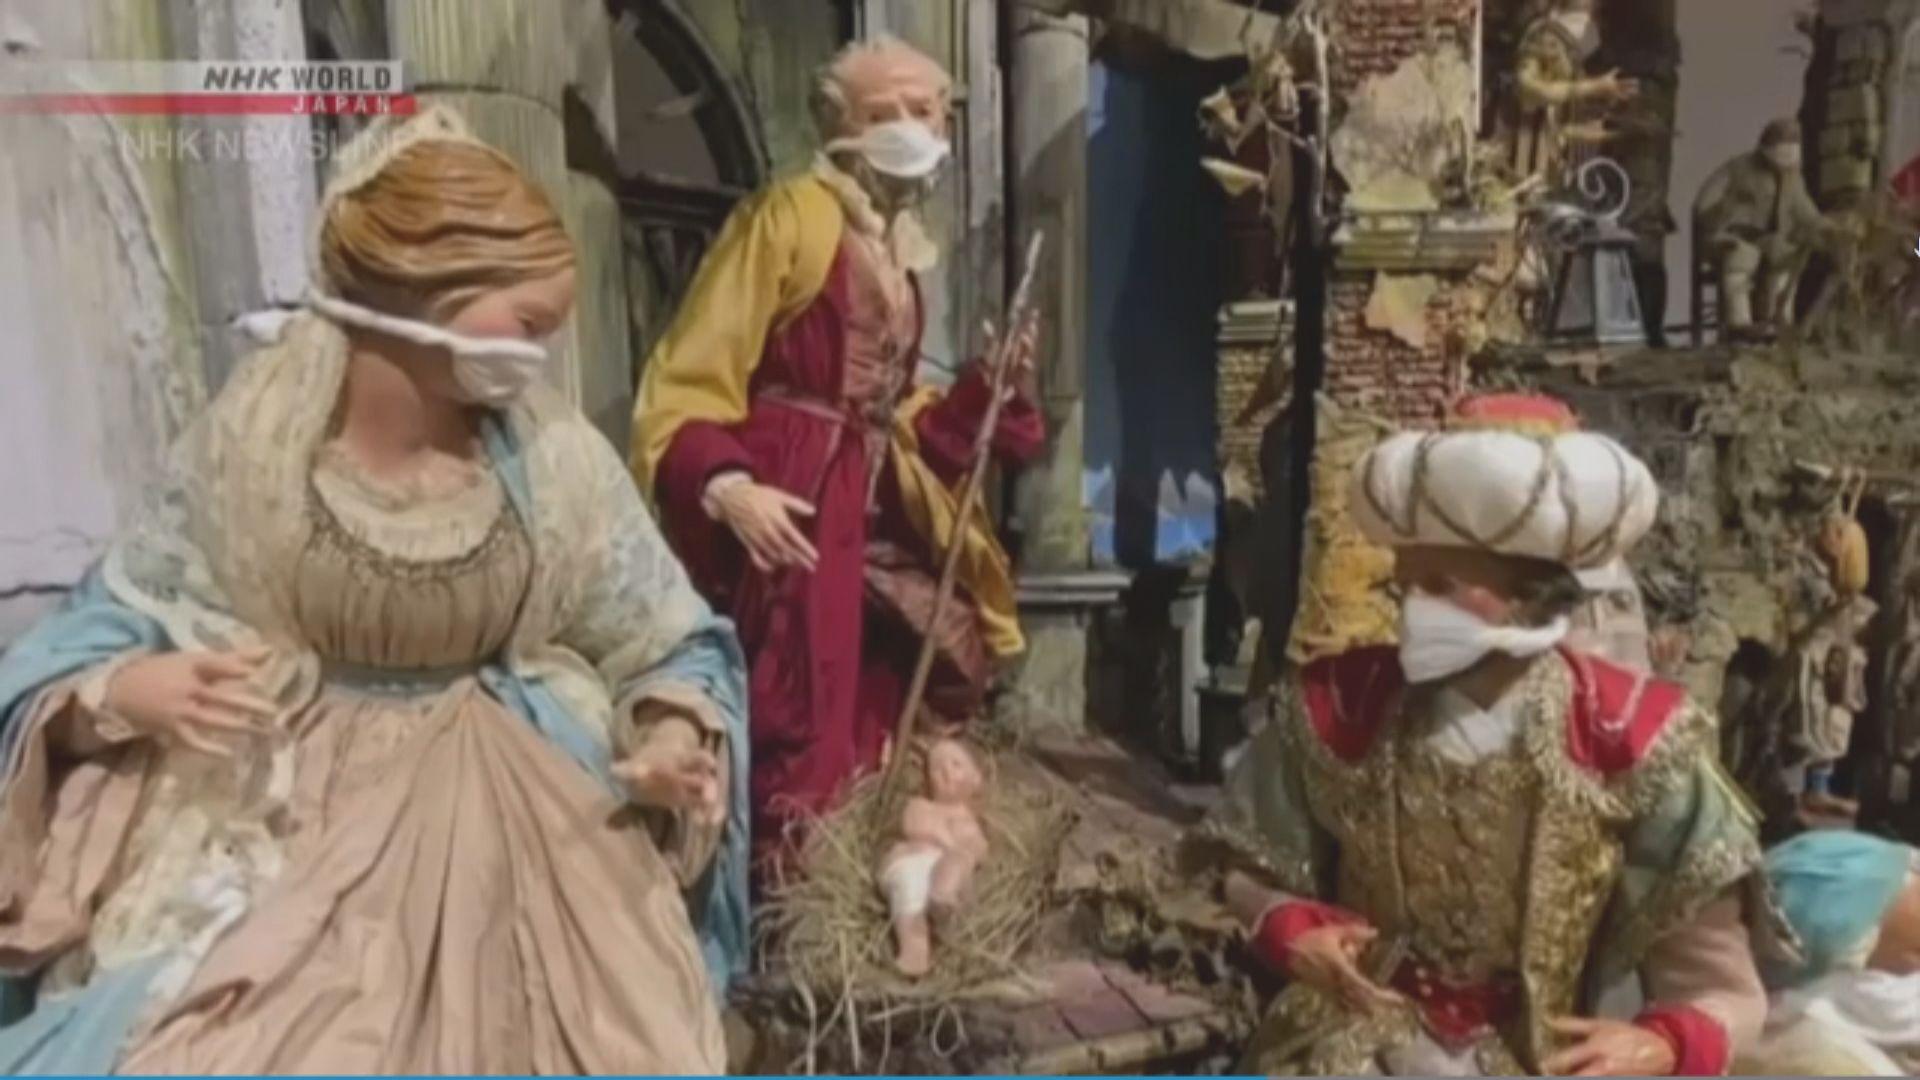 【即日焦點】中大分析指兩輪疫情最多涉娛樂場所 一酒吧伸延30感染群組;意廠商推「口罩版」聖誕馬槽擺設 耶穌亦要保持社交距離